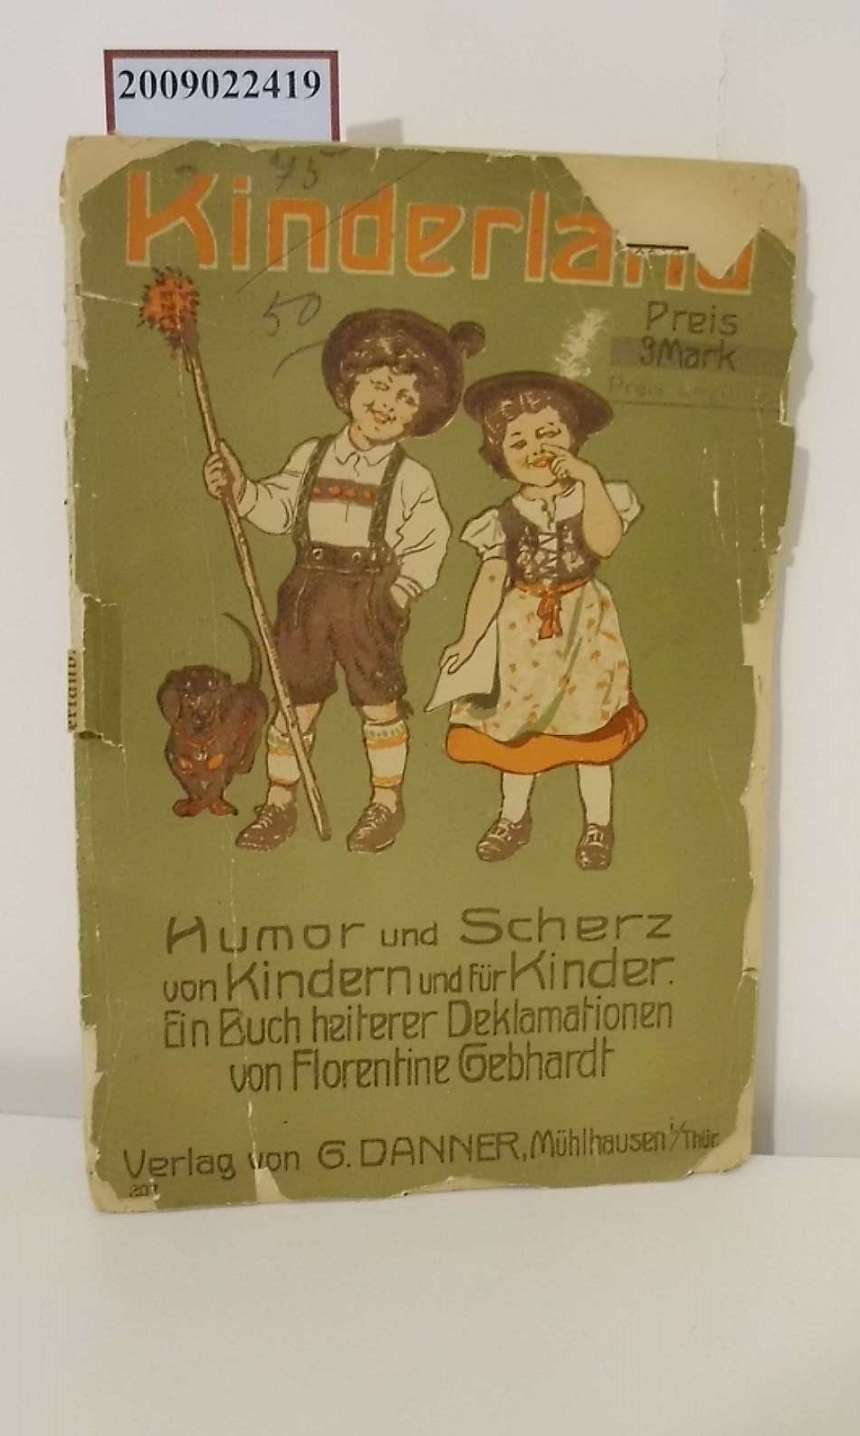 Kinderland : Humor und Scherz von Kindern für Kinder ; Ein Buch heiterer Deklamationen / von Florentine Gebhardt